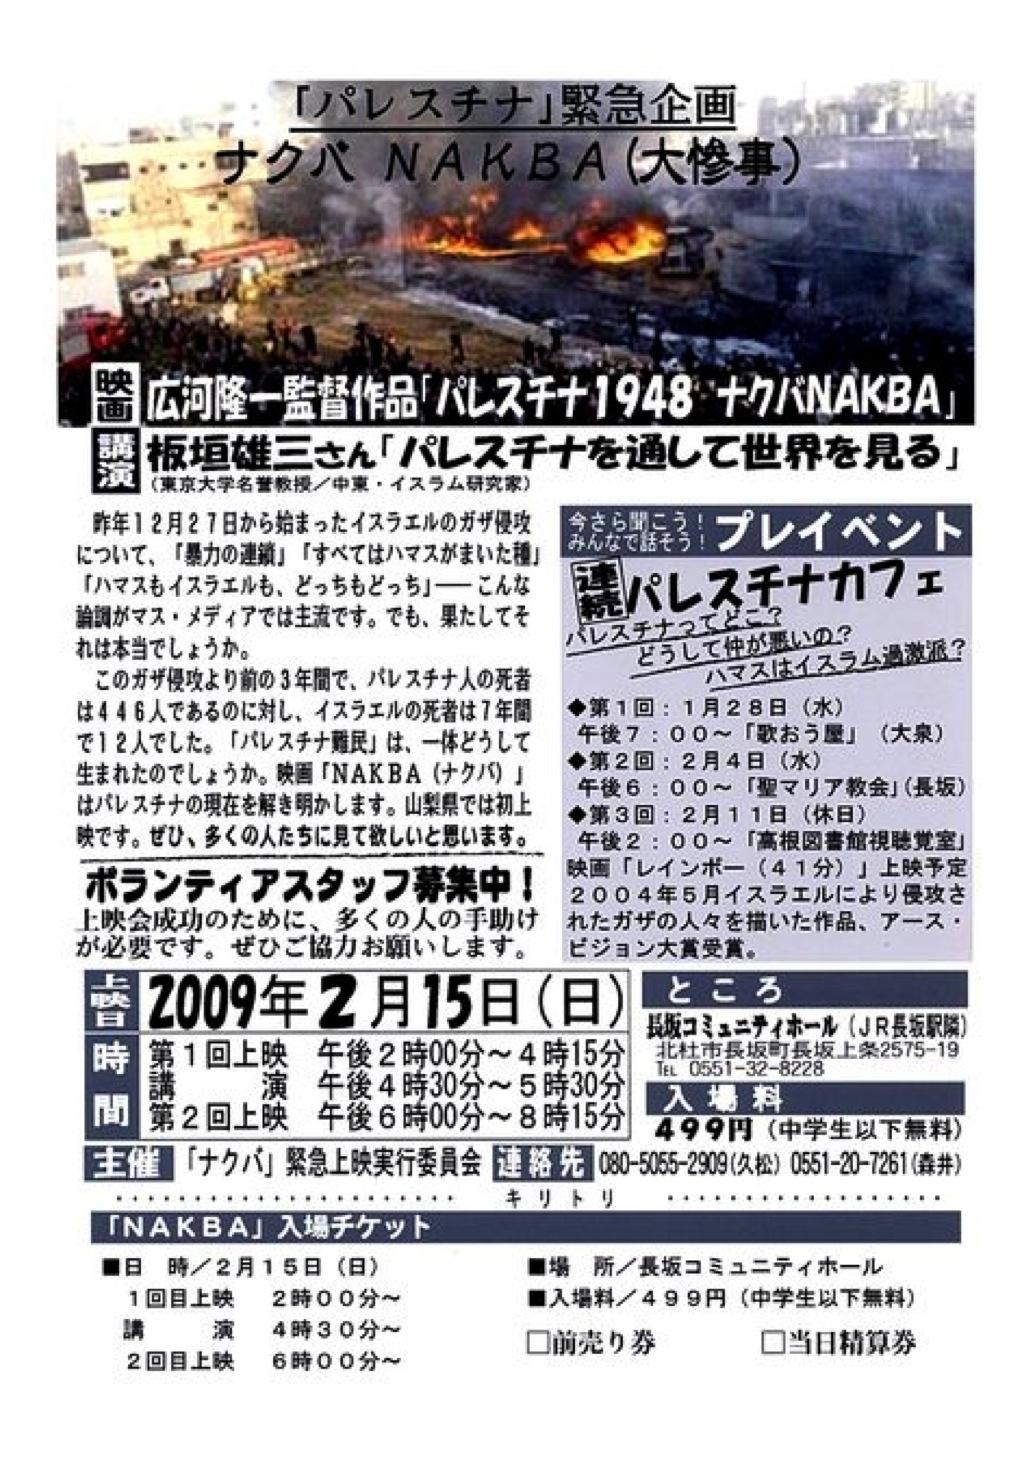 NAKBA緊急上映と講演_e0105099_1424012.jpg